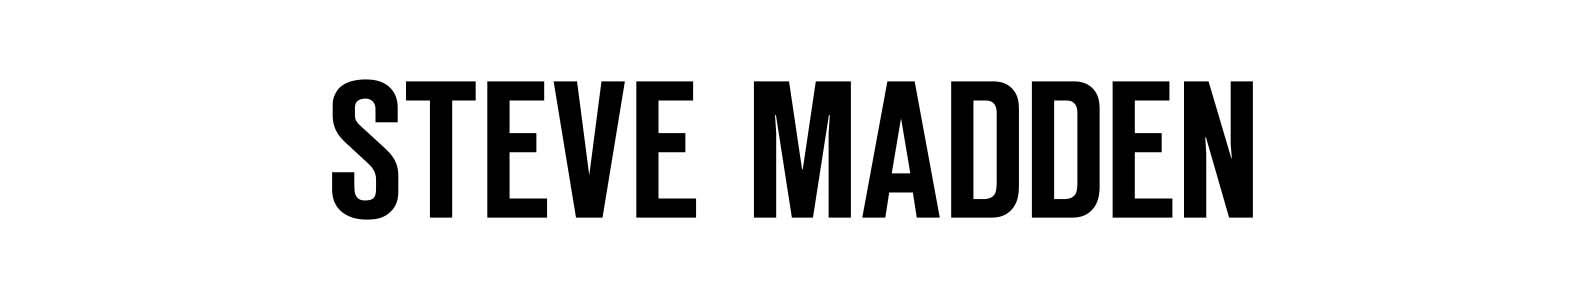 Steve Madden brand header image